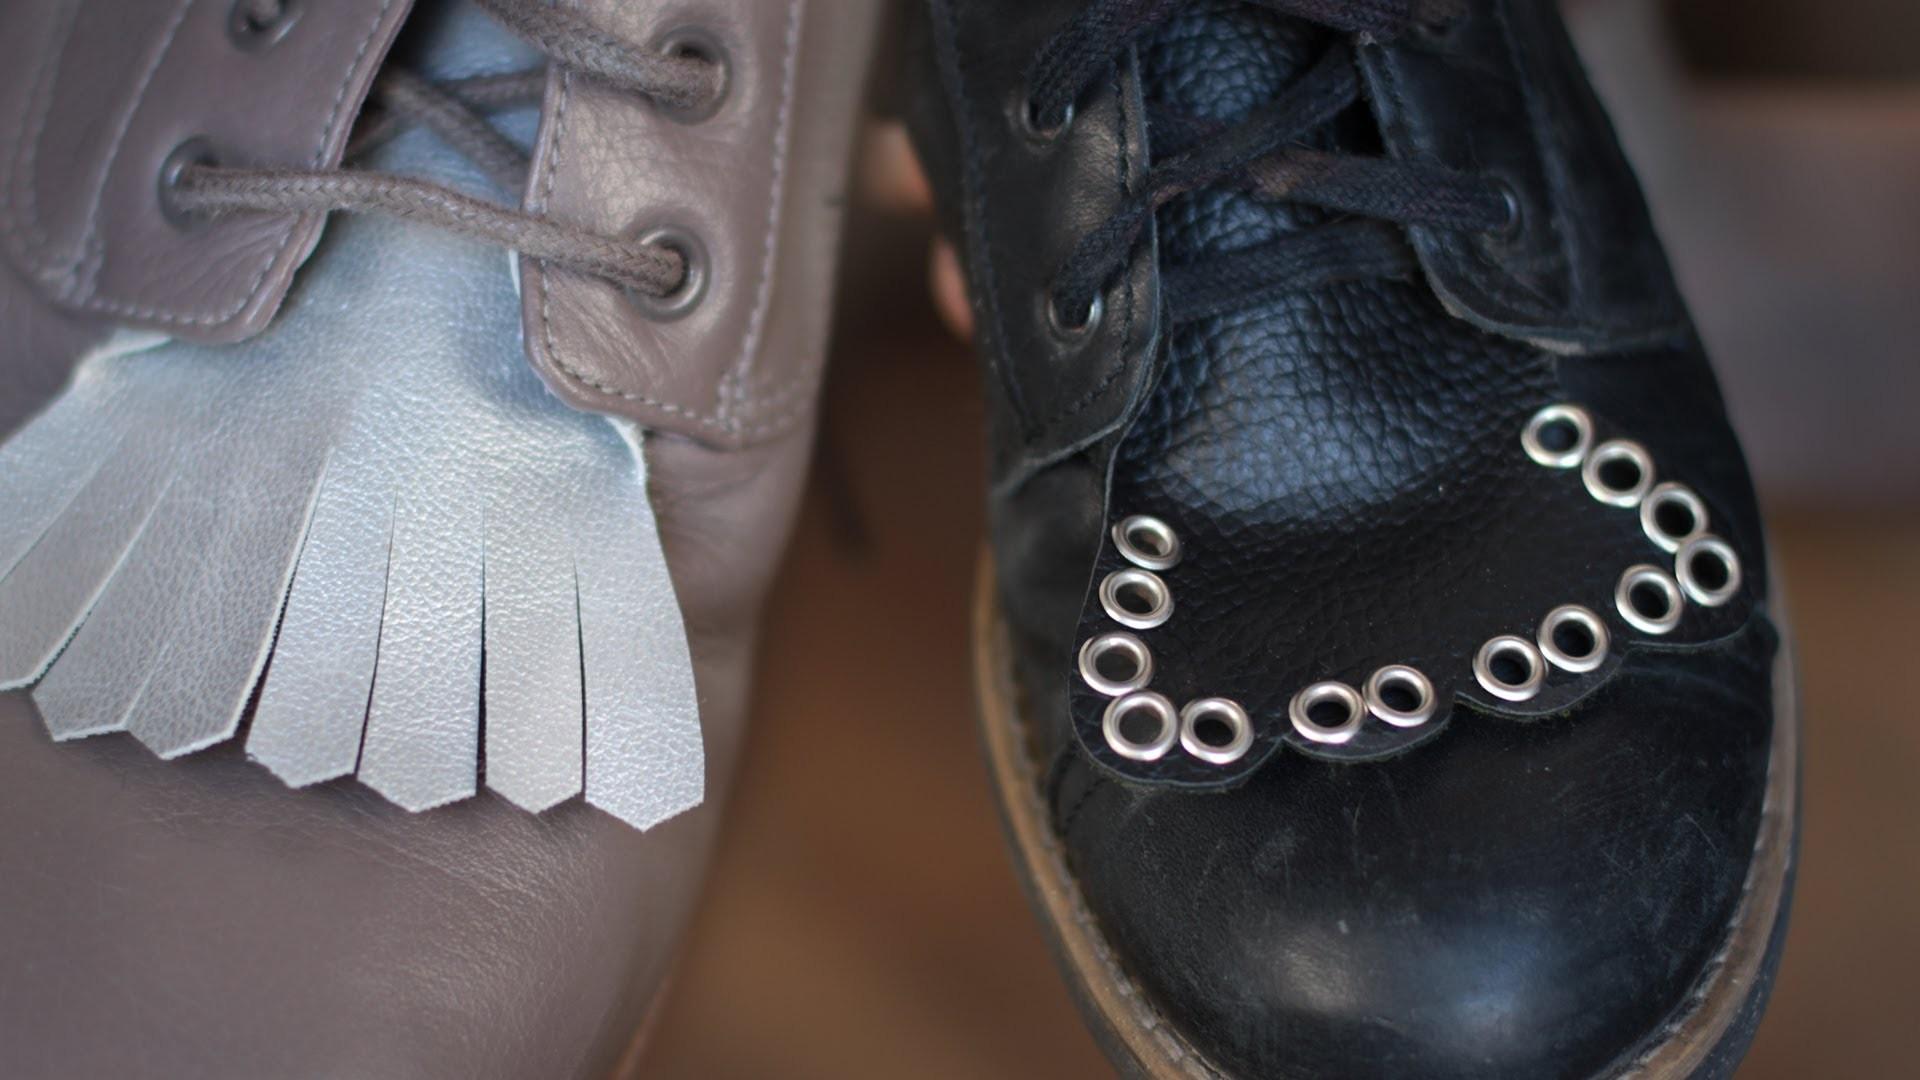 DIY Schmuck für Schnürschuhe - Stiefel Accessoire - pimp your boots - Nieten, Leder